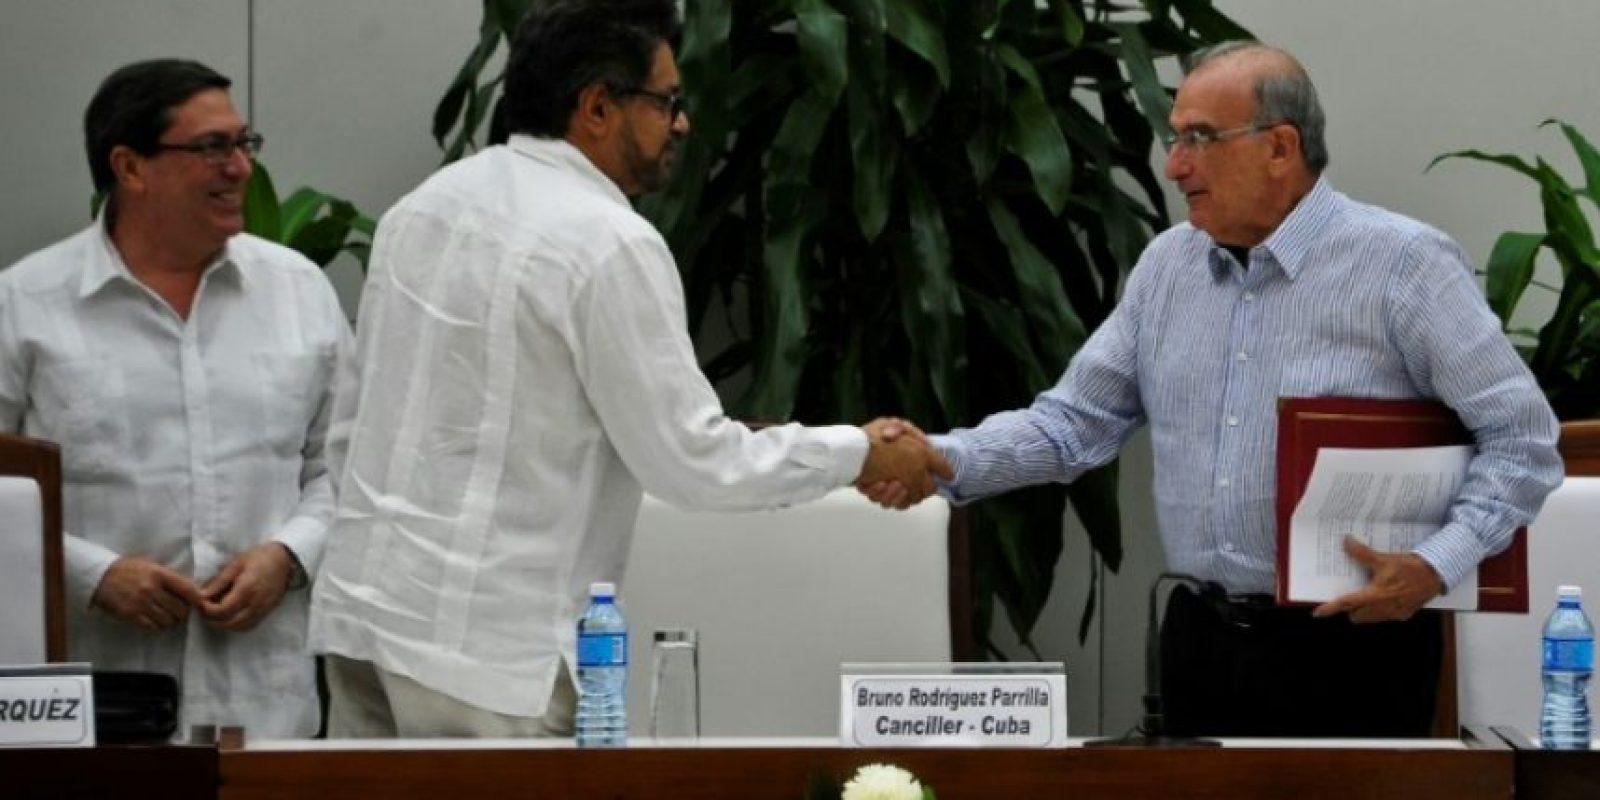 El comandante de las FARC Iván Márquez (C) y el jefe negociador del gobierno colombiano, Humberto de la Calle (D), estrechan sus manos en presencia del canciller cubano Bruno Rodríguez, tras anunciar un nuevo acuerdo de paz, el 12 de noviembre de 2016 en La Habana Foto:YAMIL LAGE/afp.com